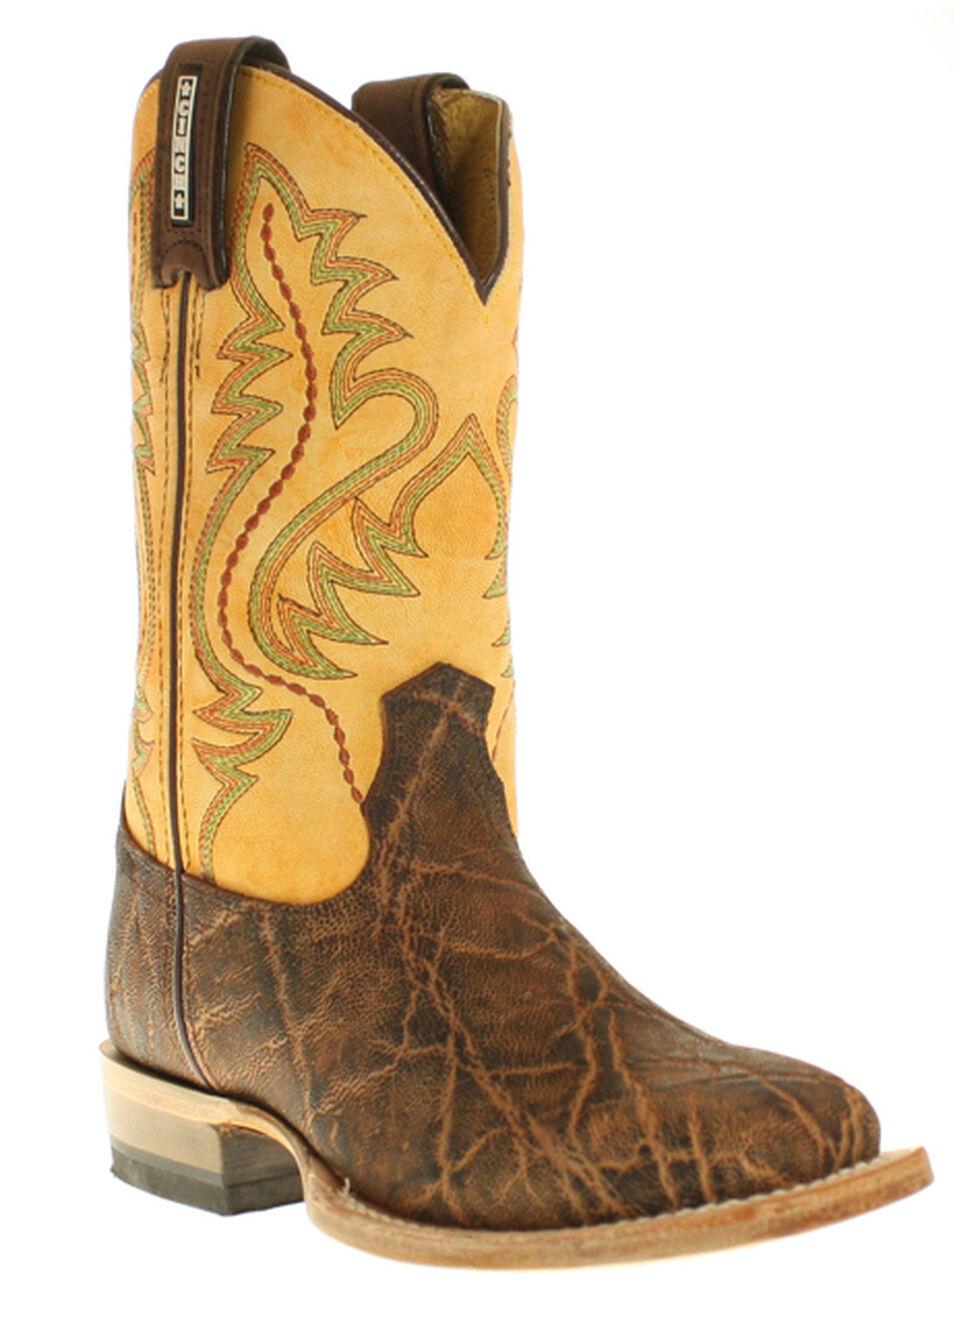 Cinch Boys' Elephant Print Boots - Square Toe, Rust, hi-res